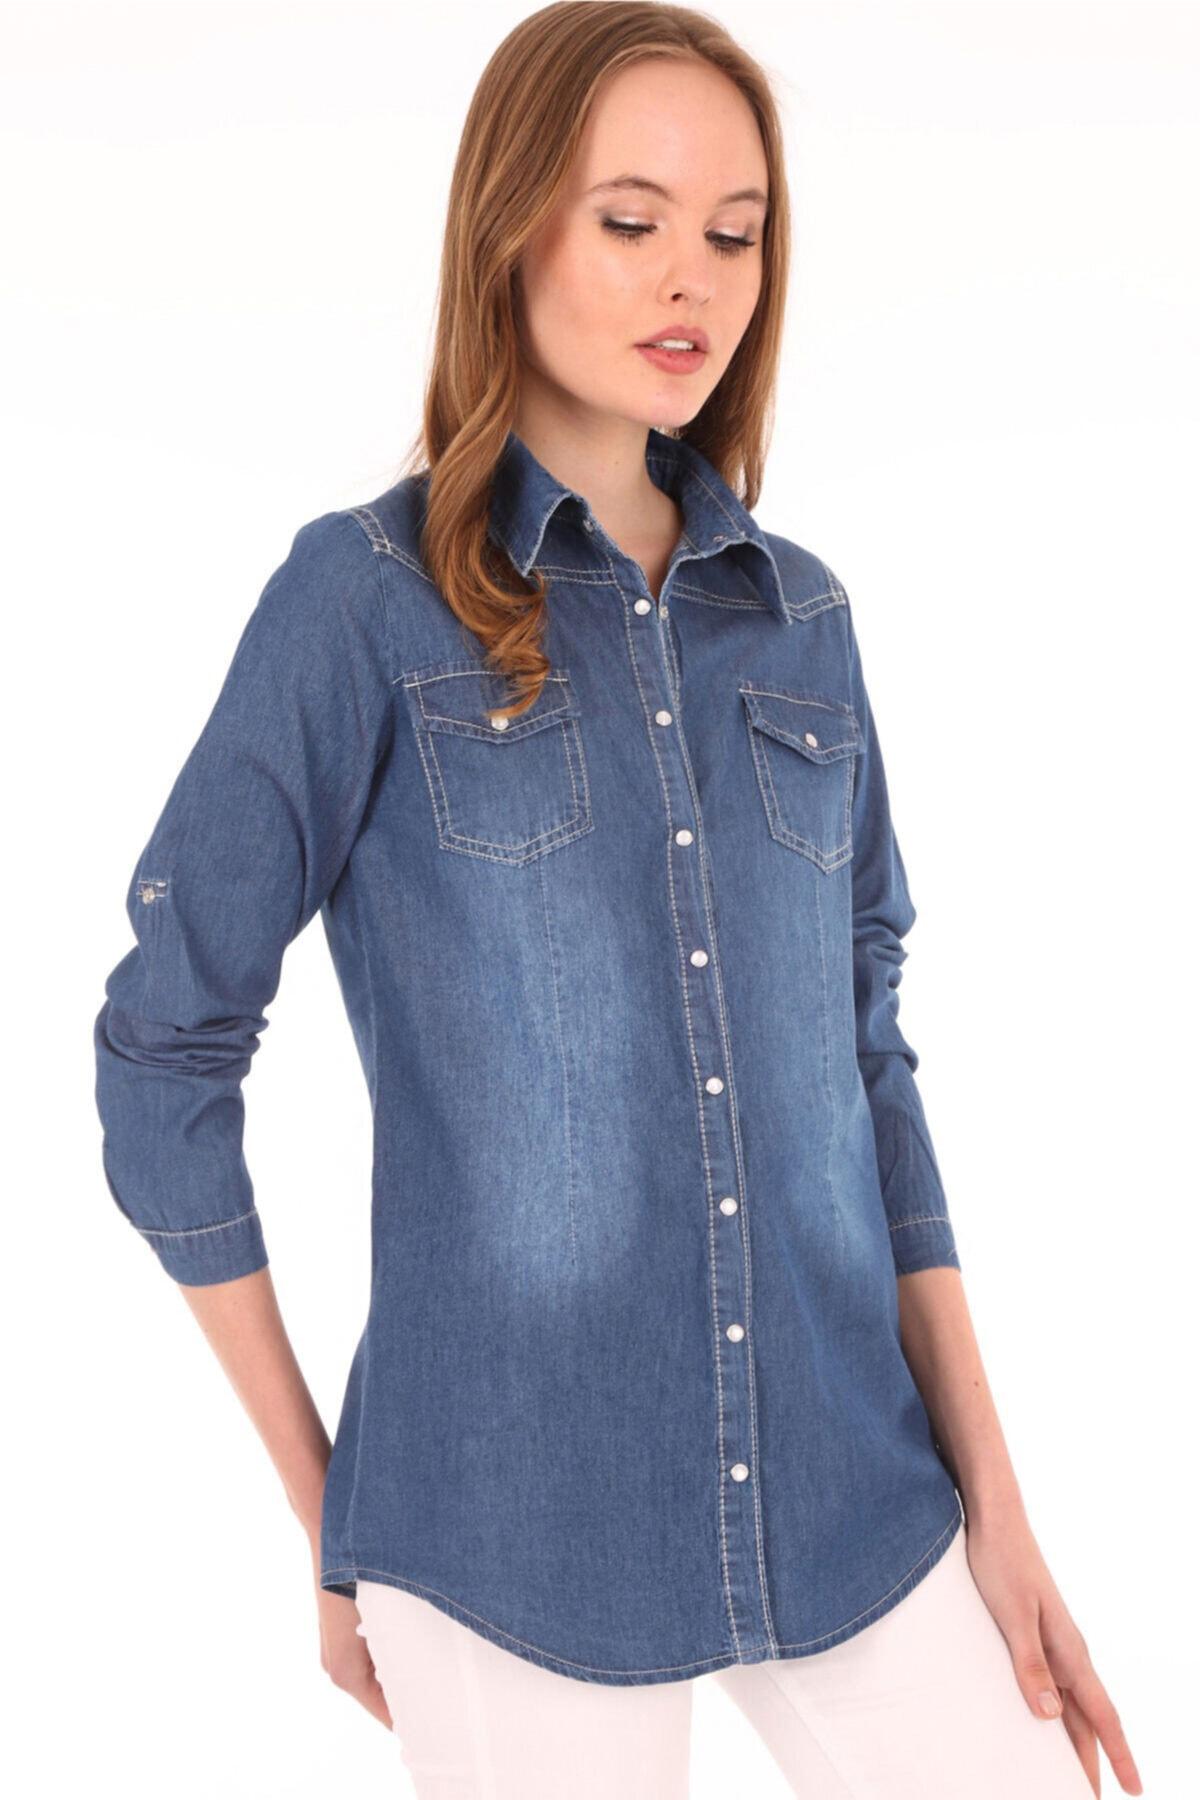 Bigdart Kadın Mavi Çift Cepli Çıtçıtlı Kot Gömlek 3411 1